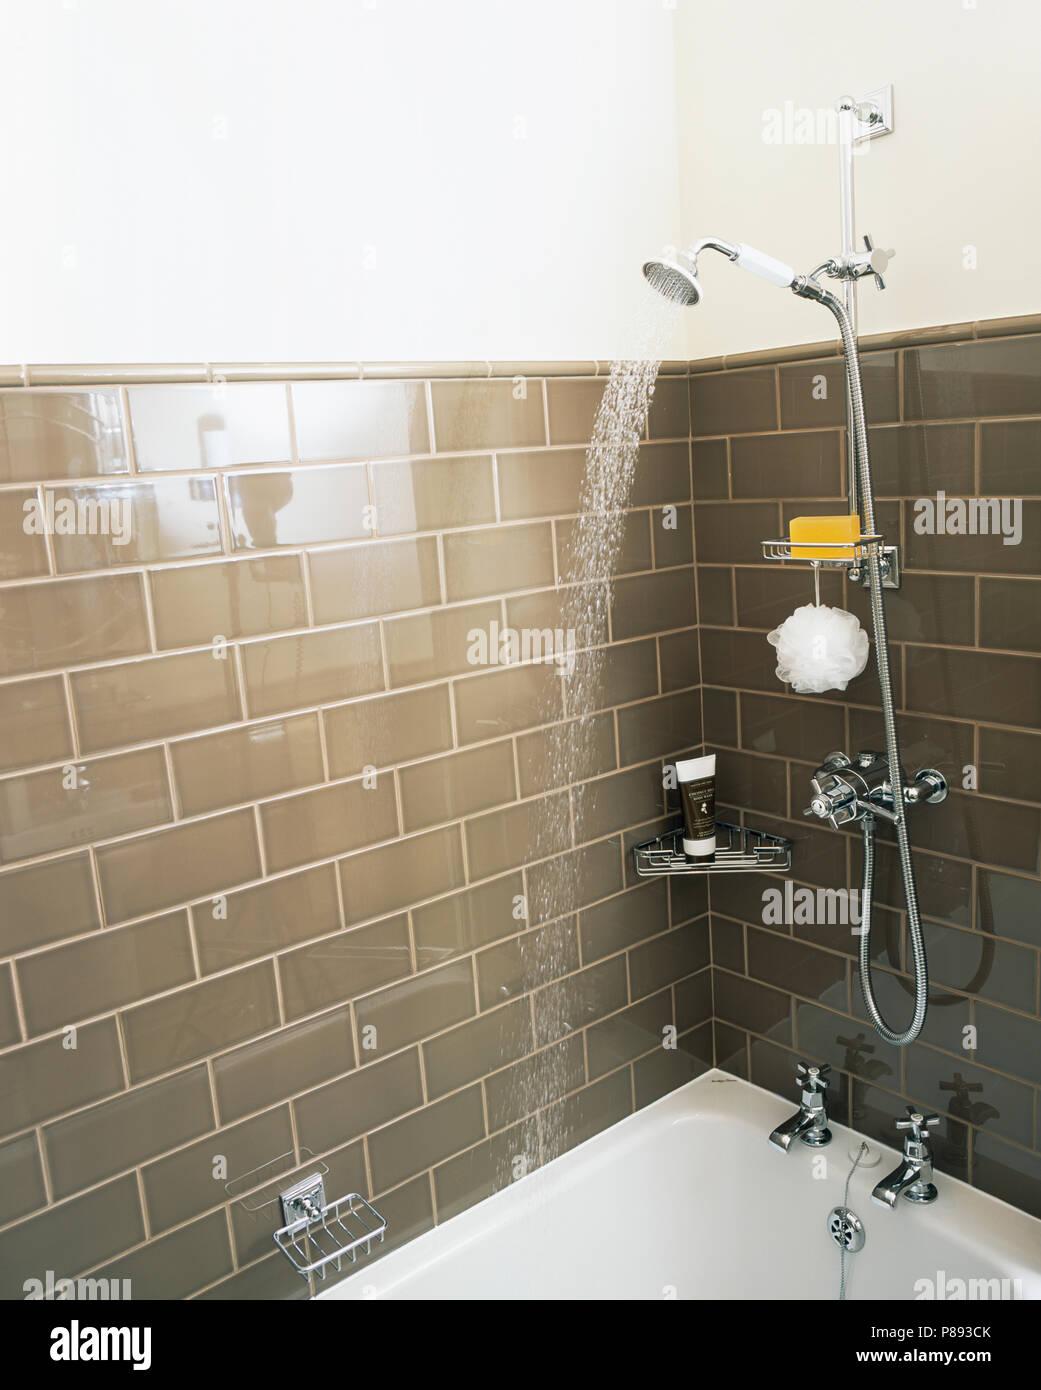 Chrom Dusche sprühen Wasser in die Badewanne in Braun Fliesen ...